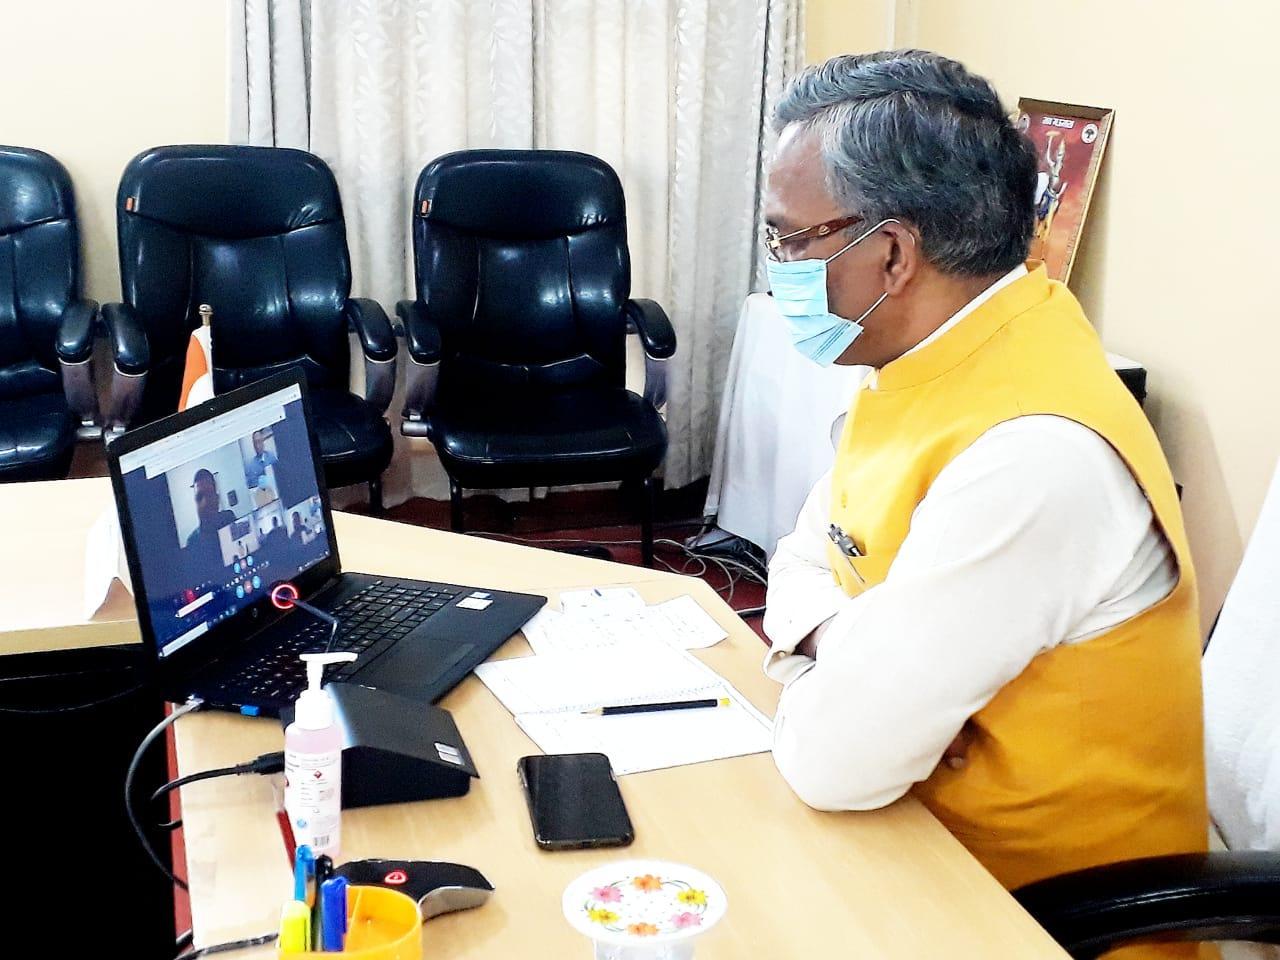 उत्तराखंड में सालभर पर्यटन के लिए एक्शन प्लान बनाने के मुख्यमंत्री ने दिये निर्देश